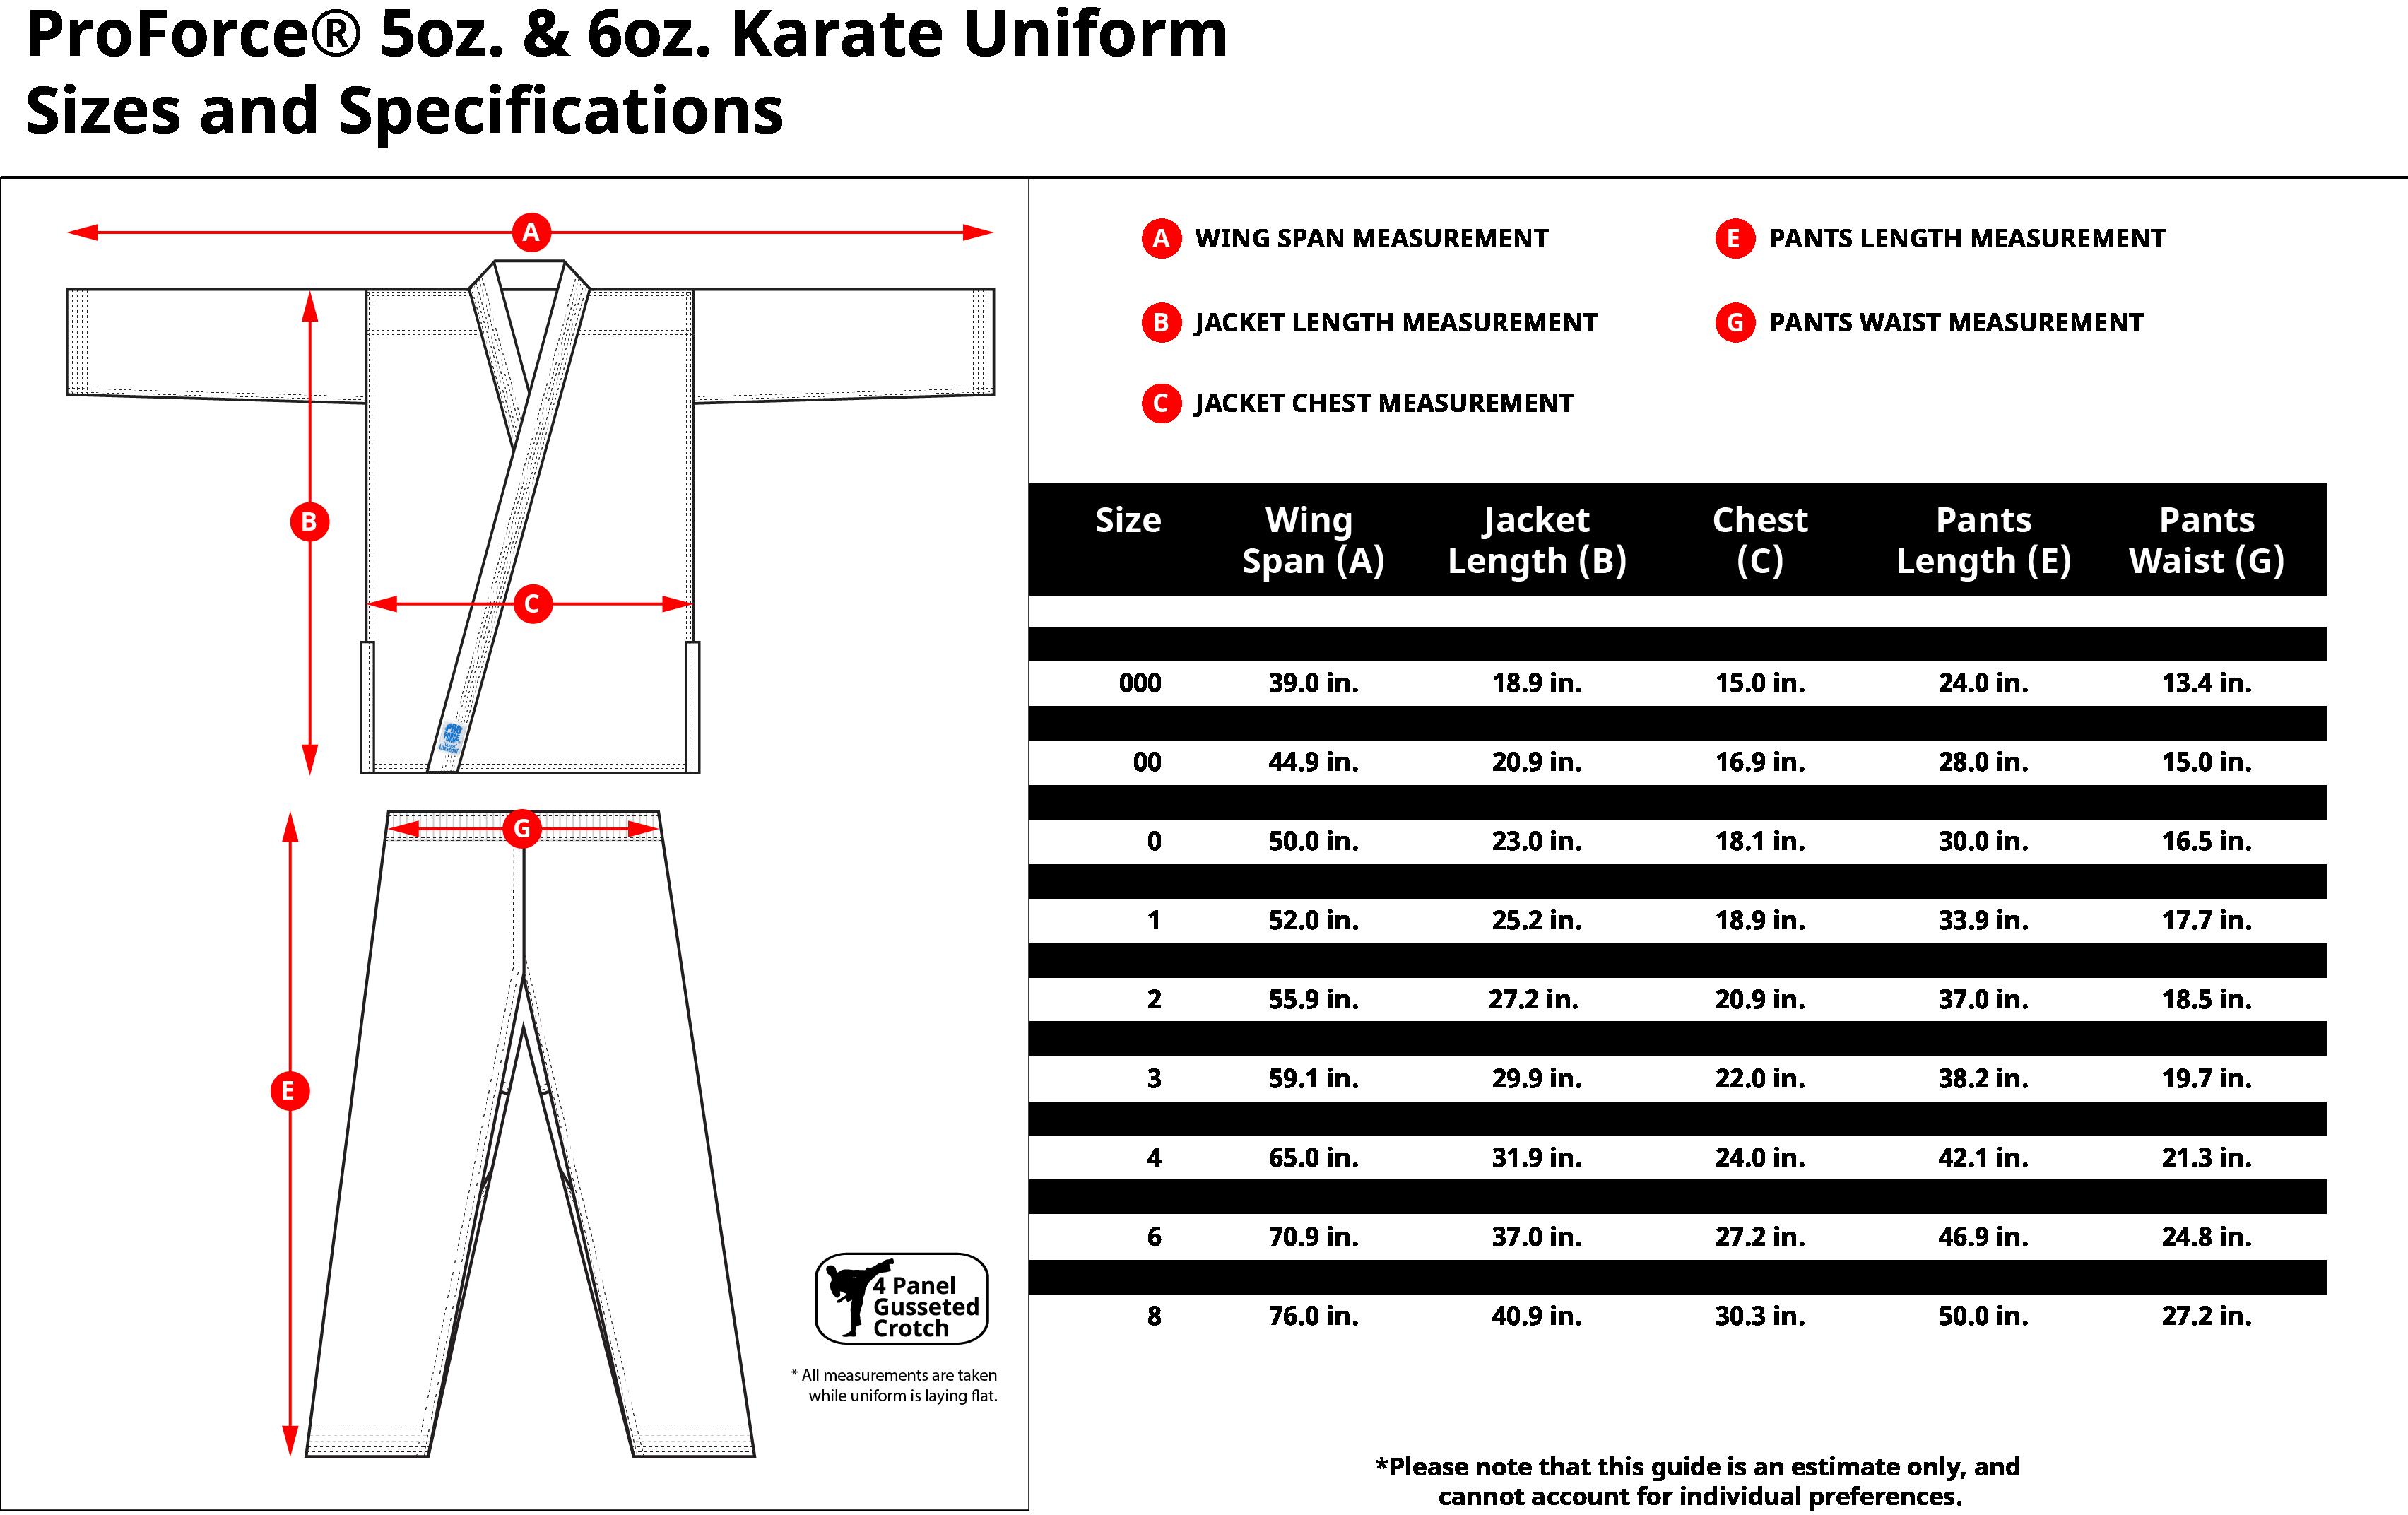 judo pants wholesale